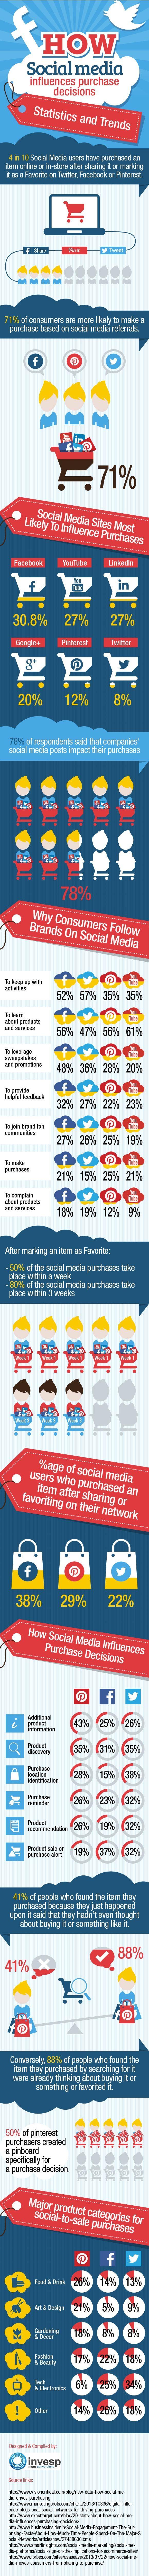 Comment les réseaux sociaux influencent la prise de décisions? Une infographie intéressante!